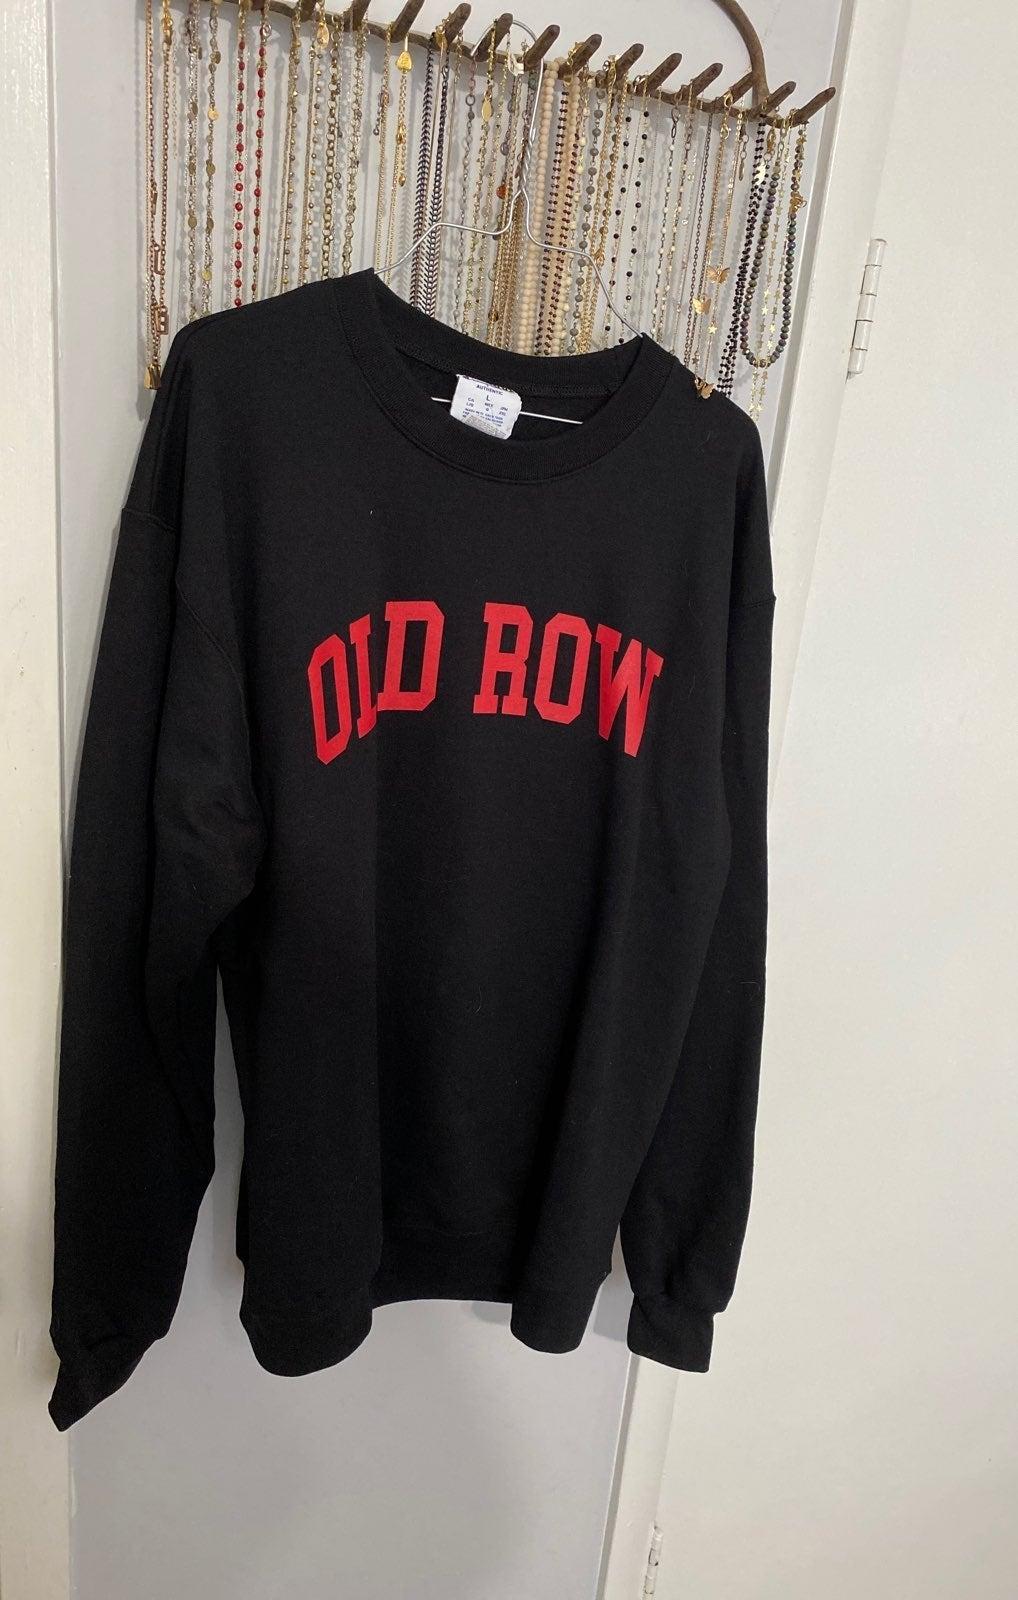 Old Row Sweatshirt